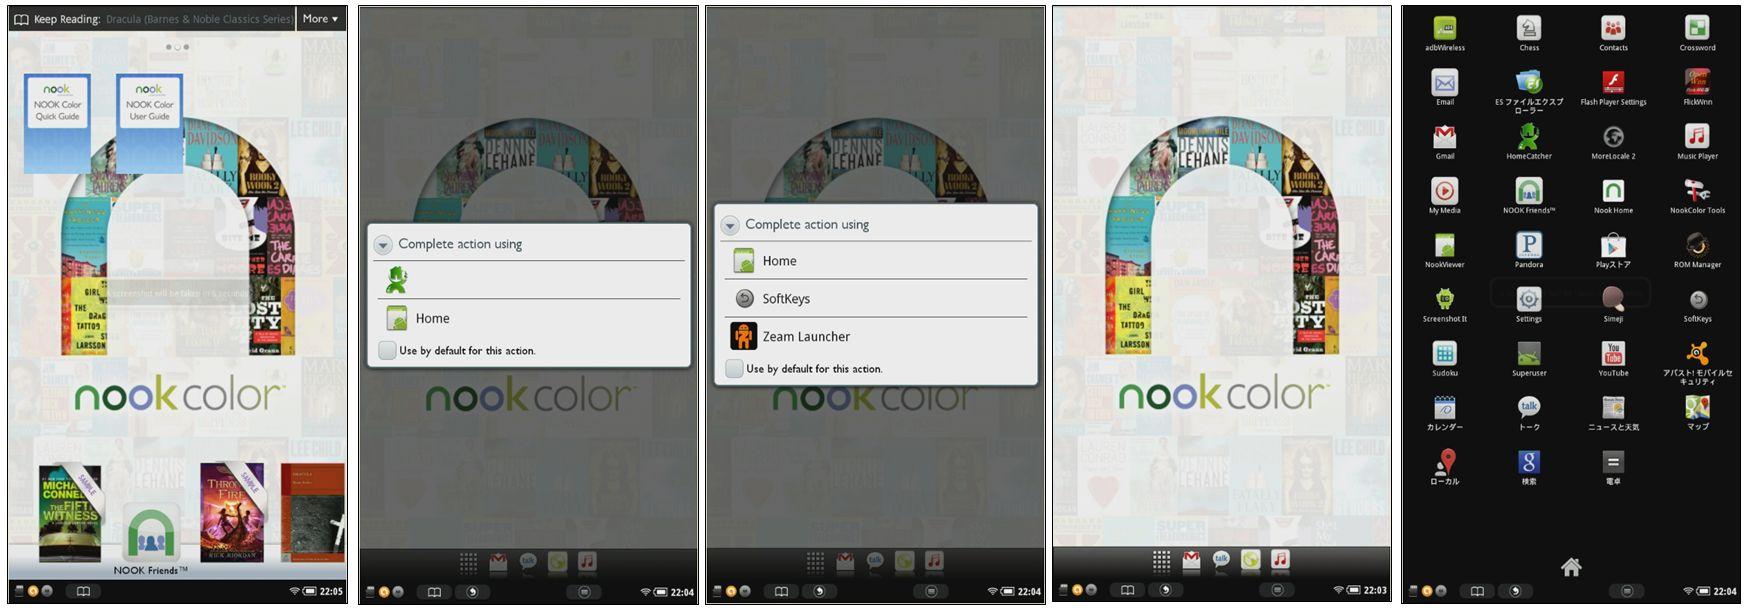 Nook Color 1.4.1